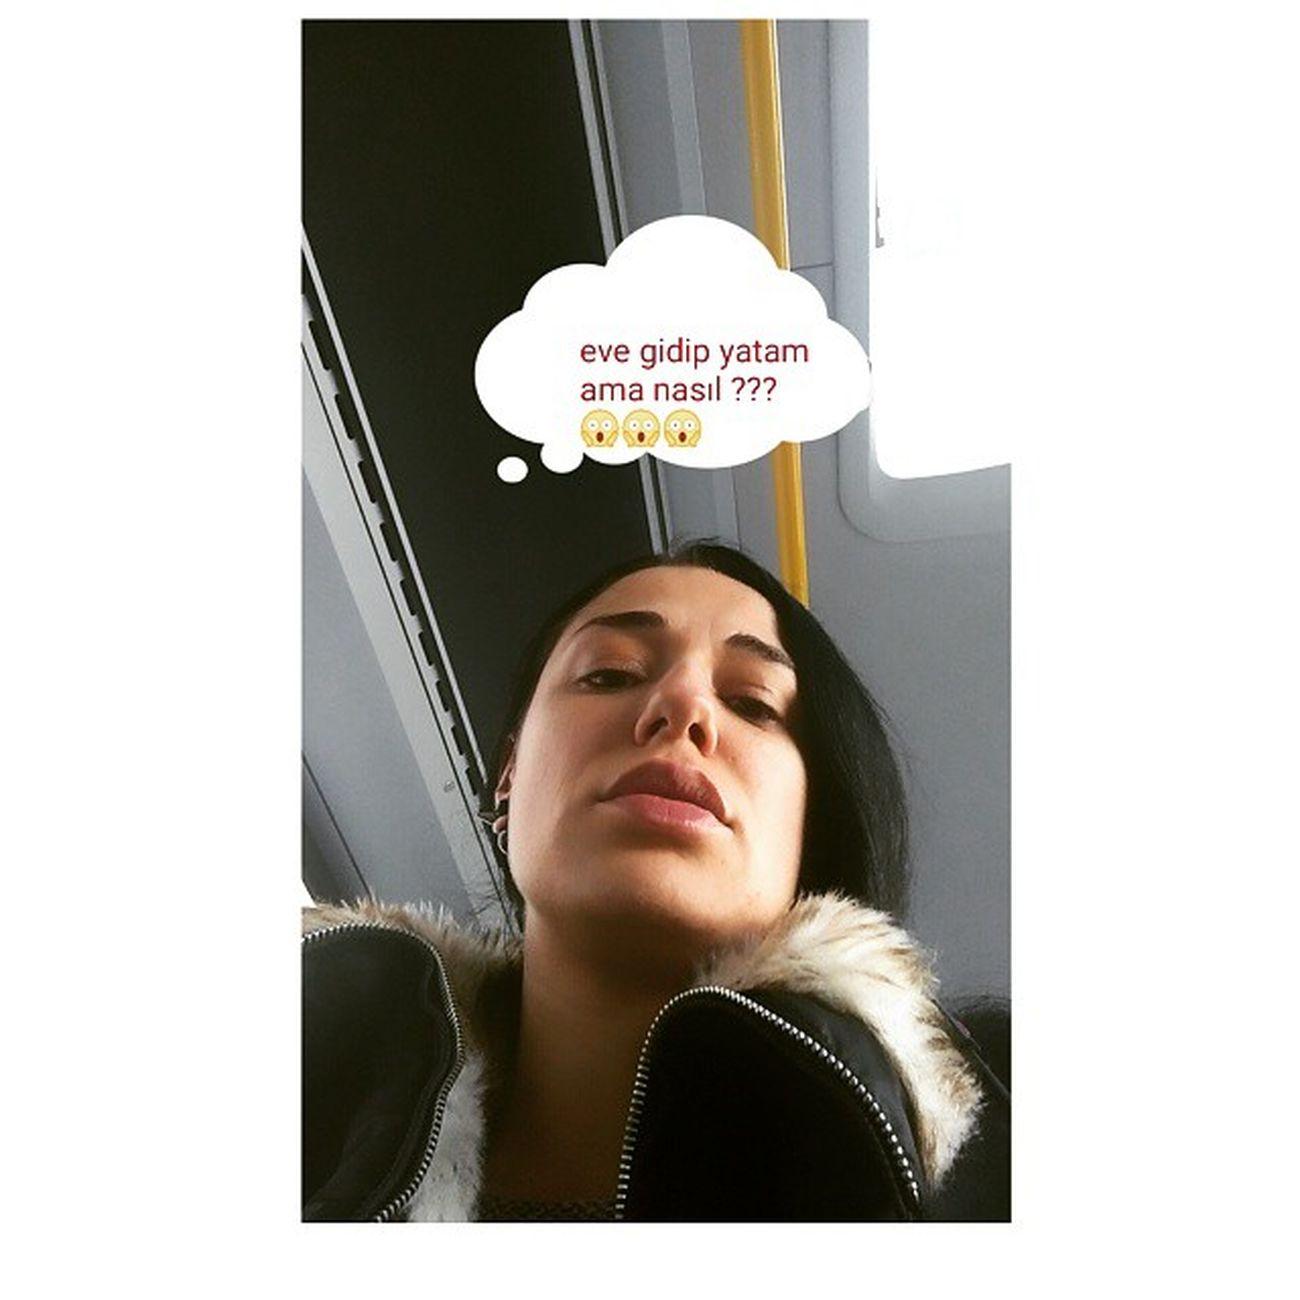 Gunaydin Gunaymadi bana 😔 Seda_yollarda Iett hain_planlar_peşinde 😈😈😈😈 PhotoGrid bakırköy ıstanbul turkistagram instagram 😱😱😱 😁😁😁😂😂😂 Düşün seda düşün ....